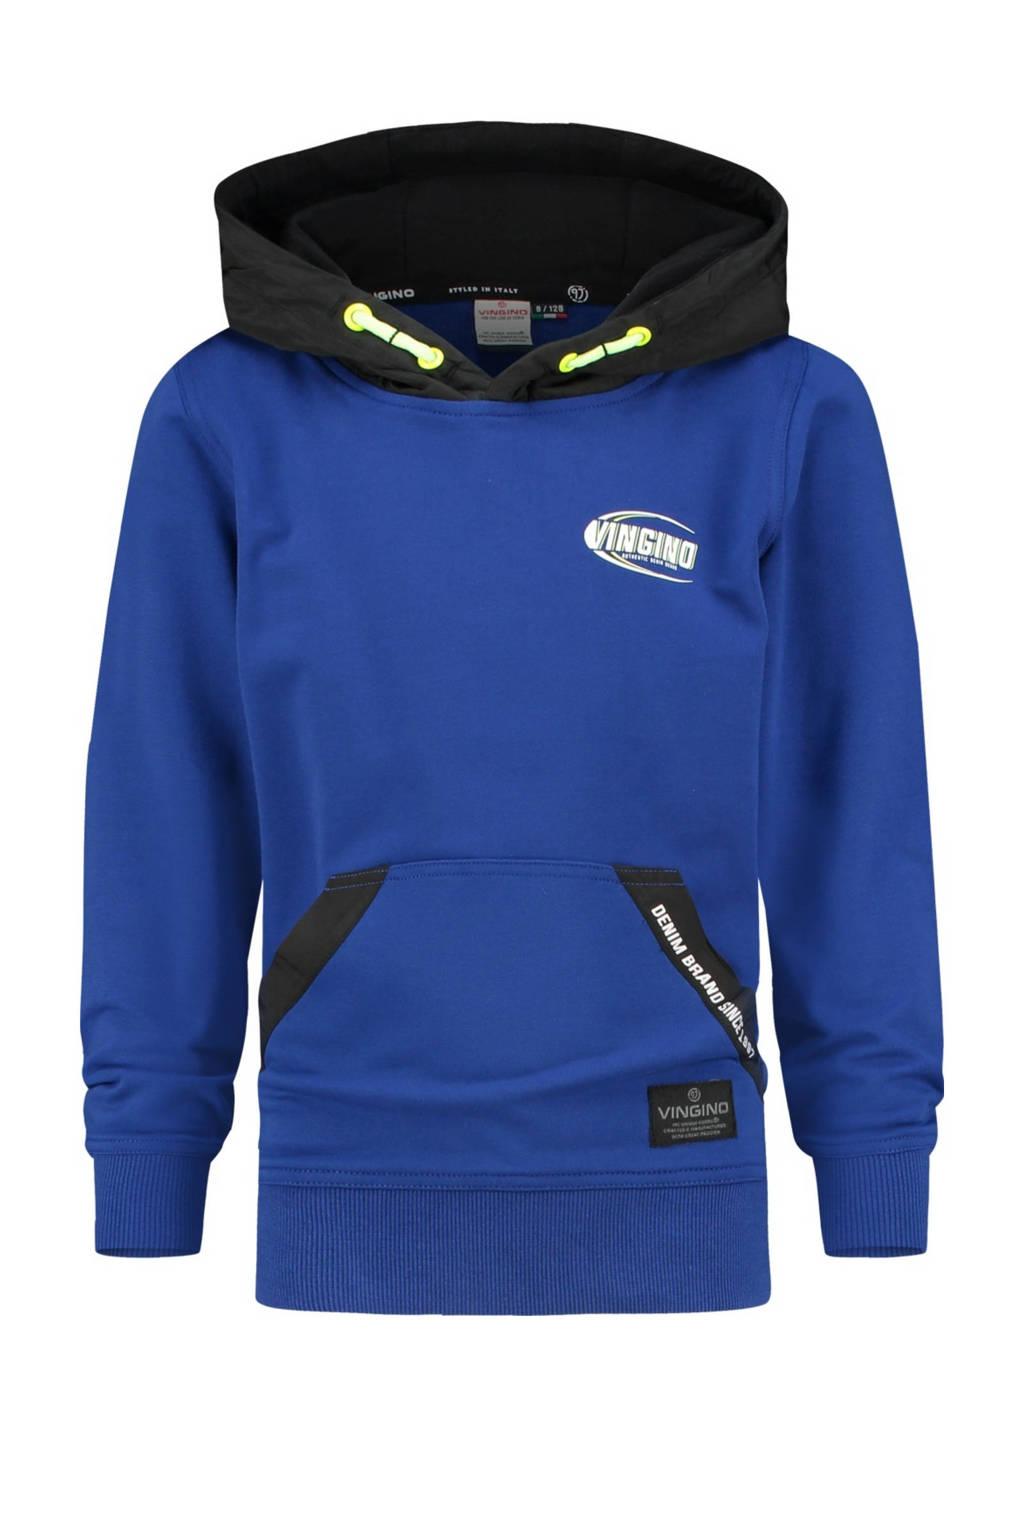 Vingino hoodie Nonano kobaltblauw/zwart, Kobaltblauw/zwart